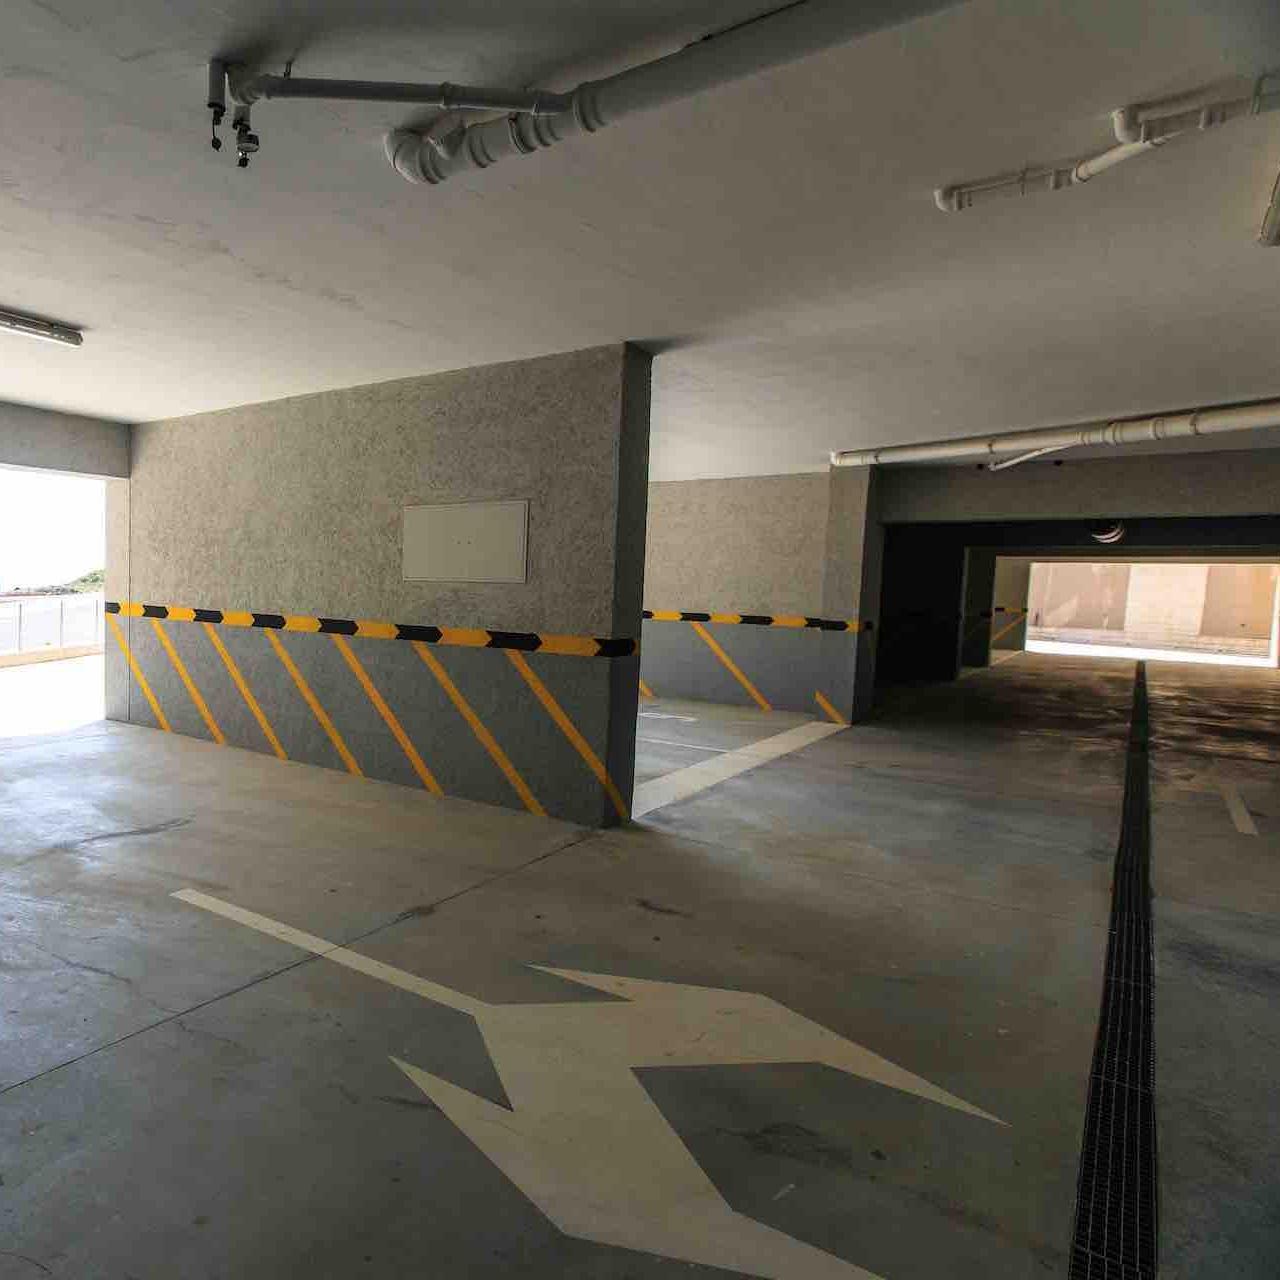 Подземный паркинг - Просторный подземный паркинг с лифтами из нержавеющей стали.